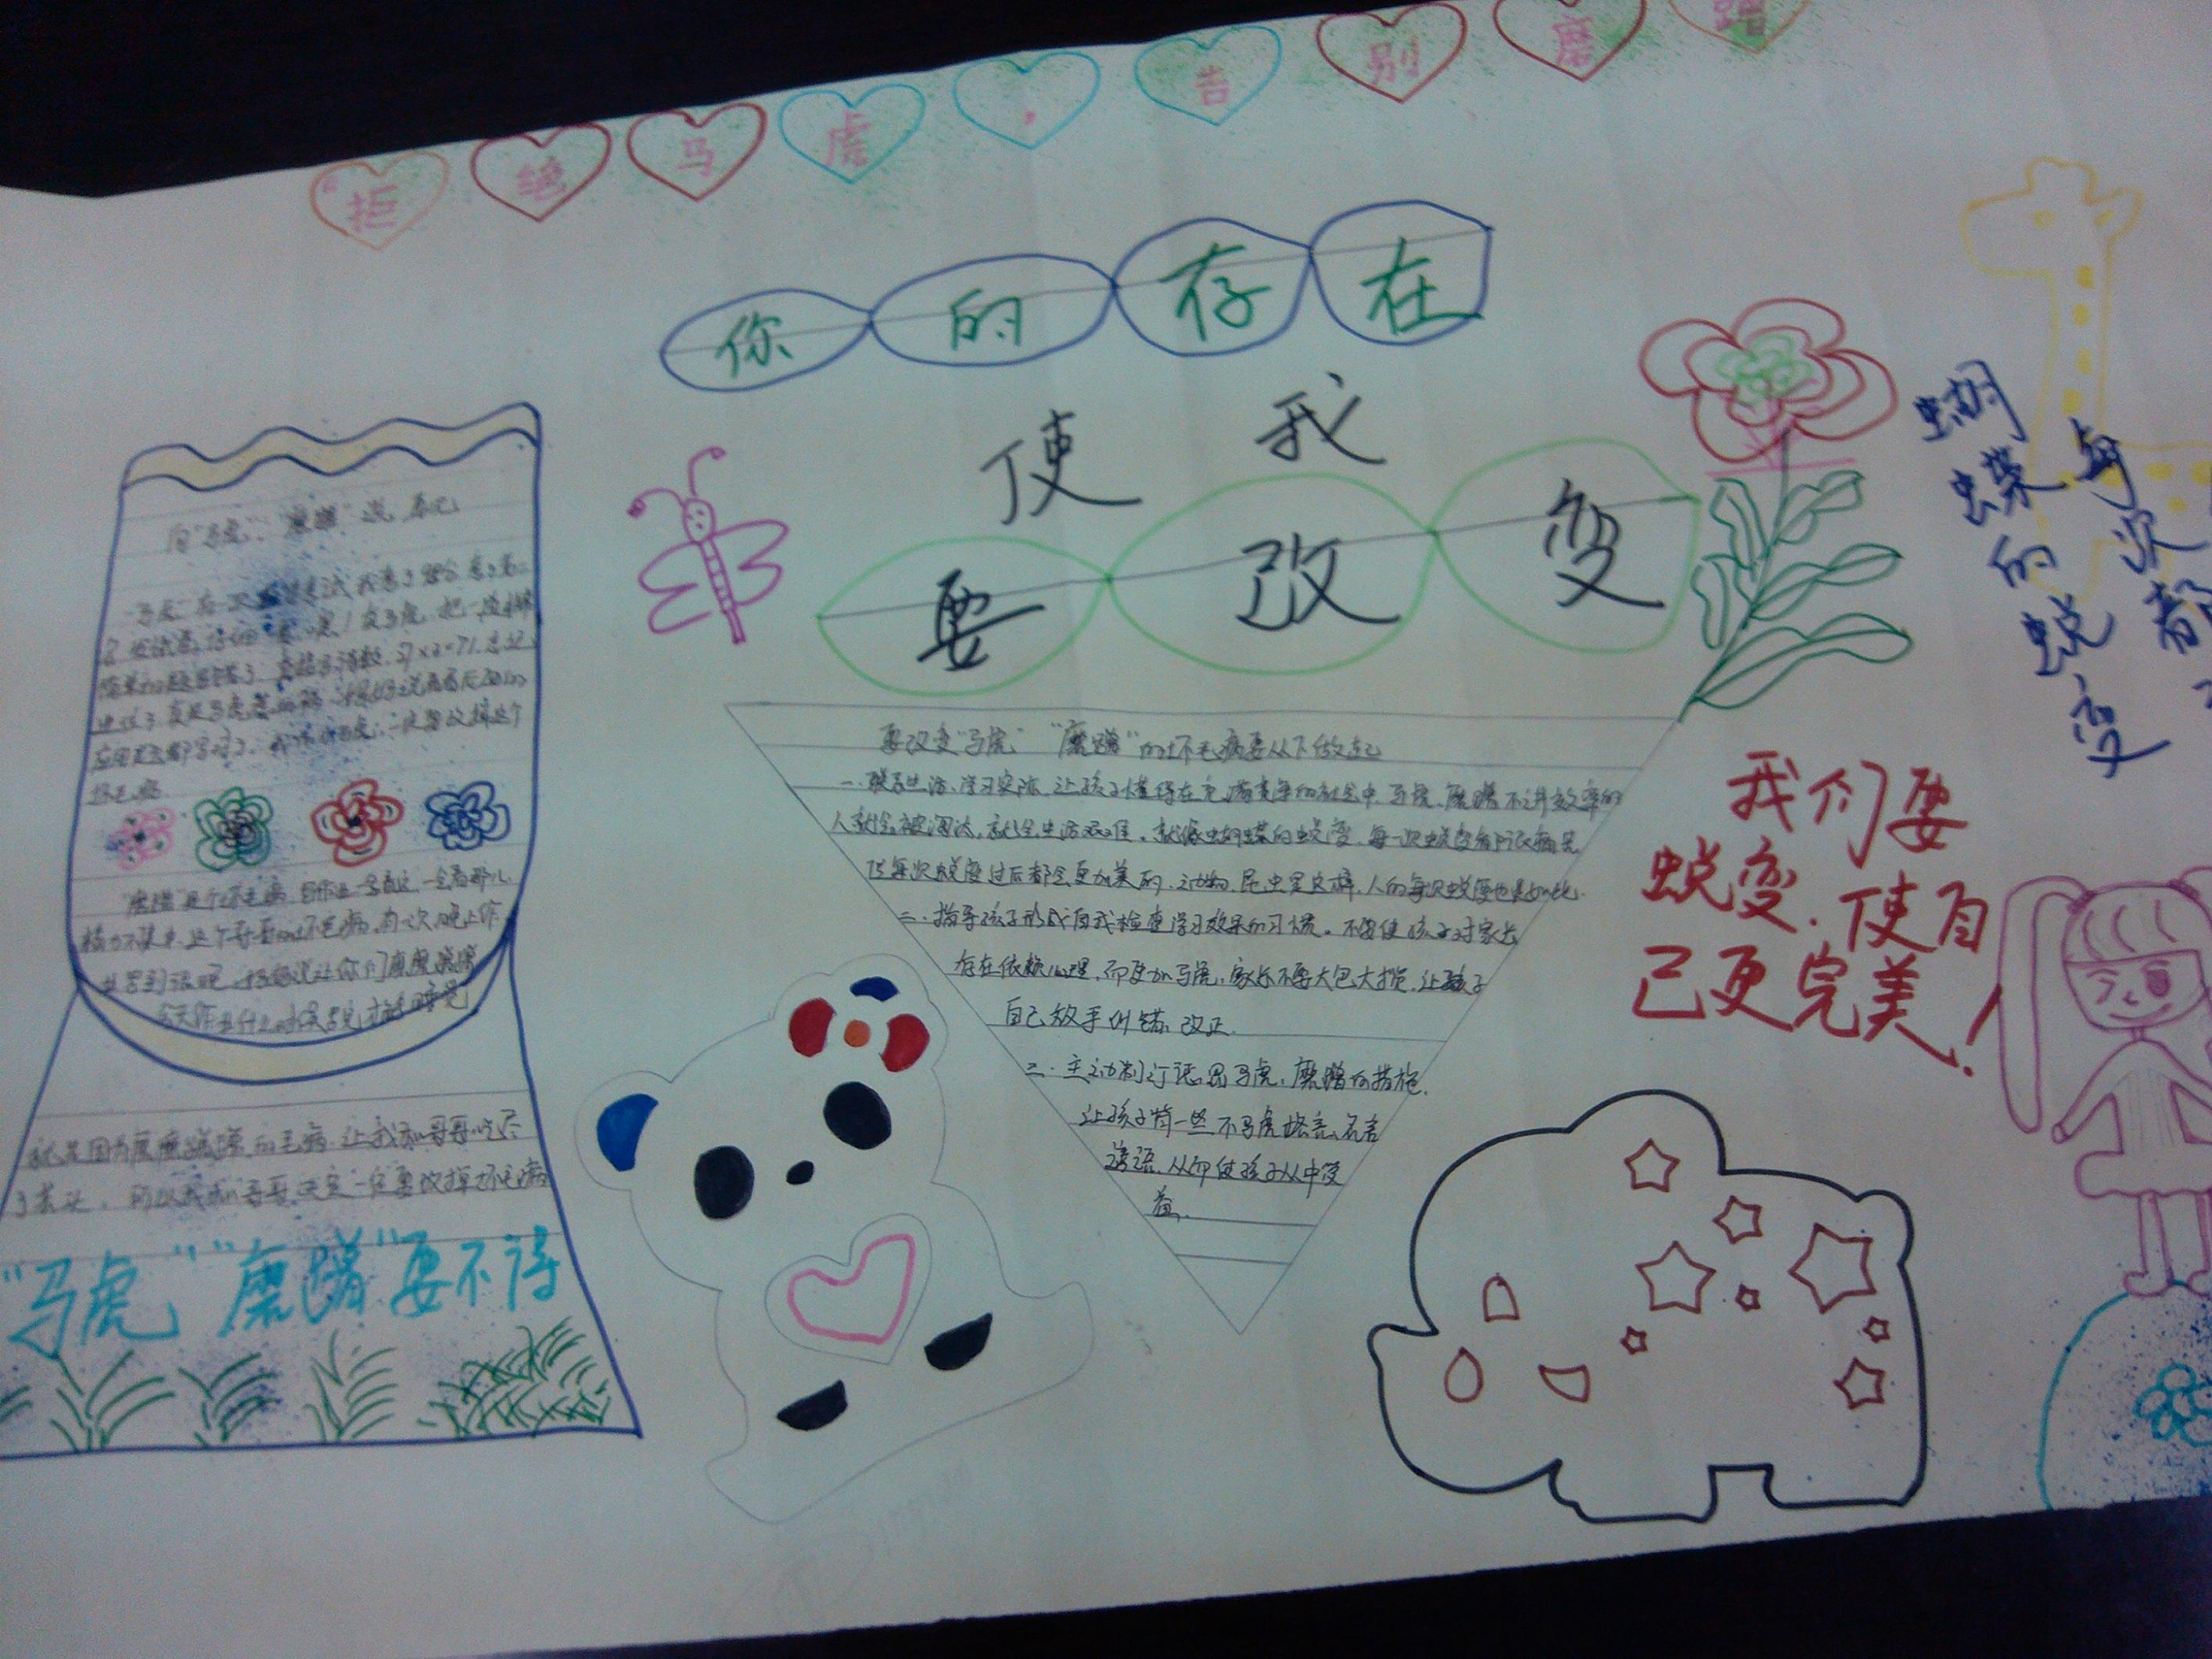 亲子手抄报 - 建队纪念日主题队日活动展 - 活动 - 网